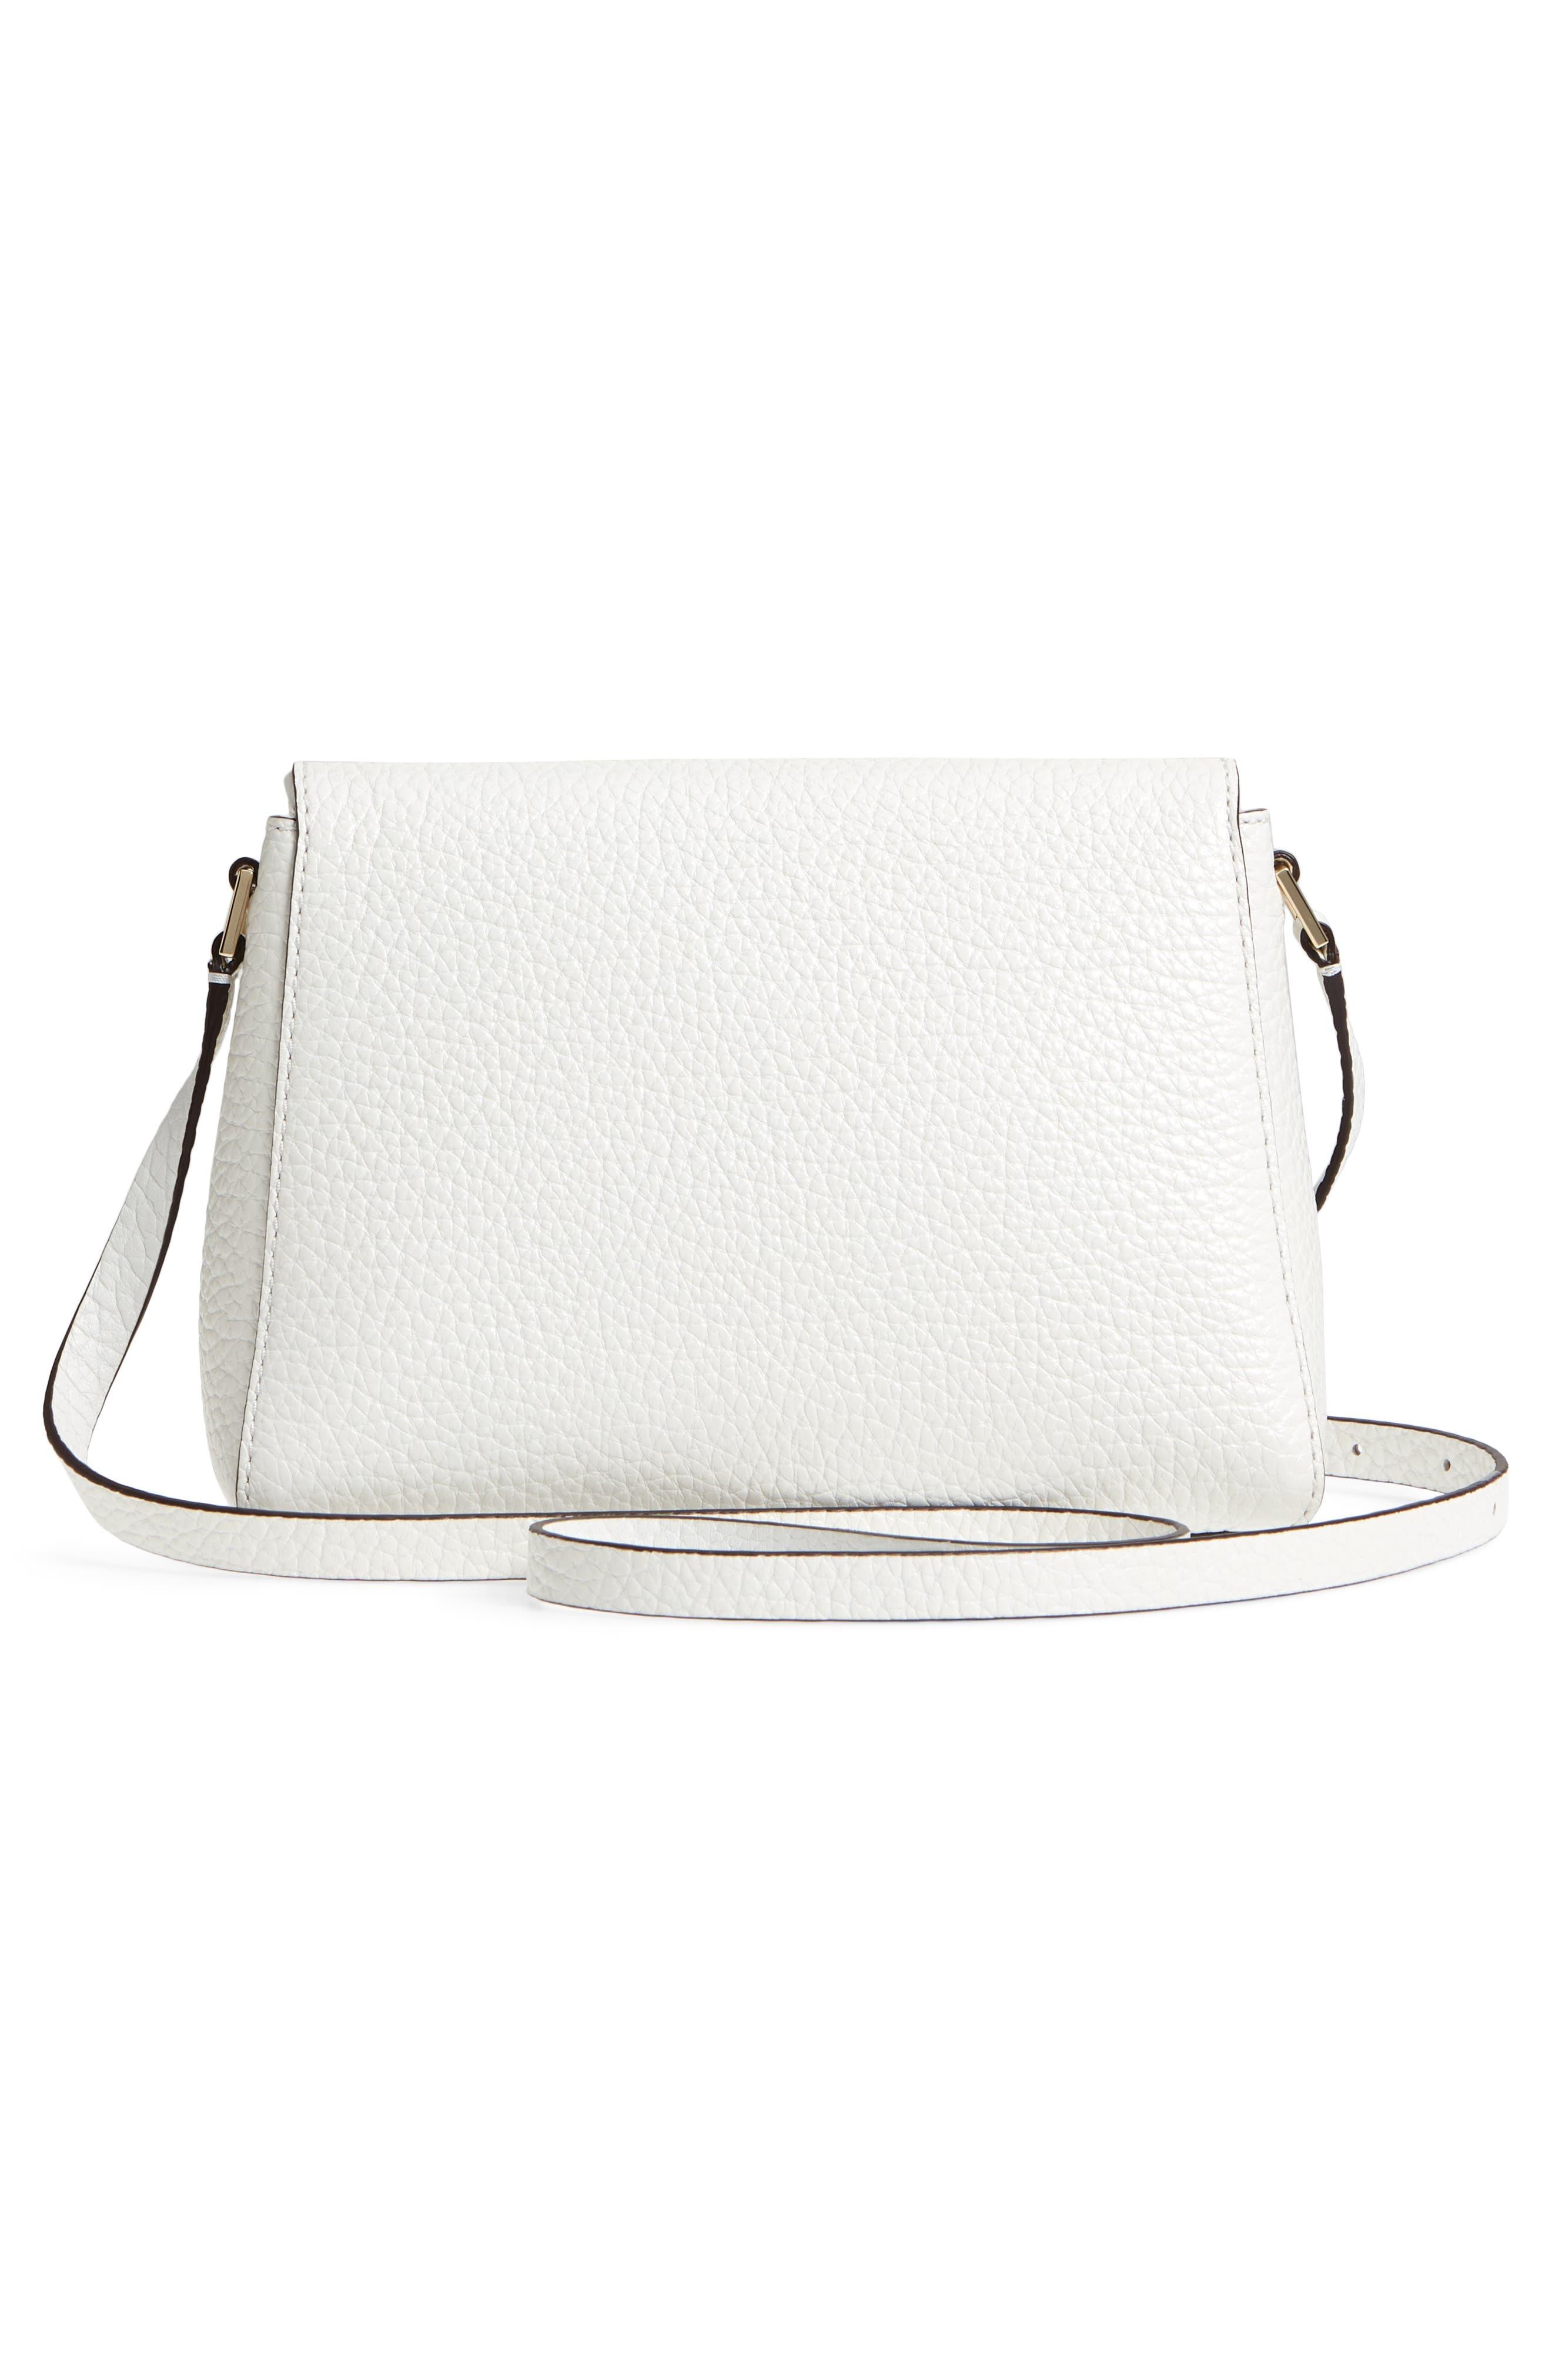 carter street - berrin leather crossbody bag,                             Alternate thumbnail 3, color,                             Bright White